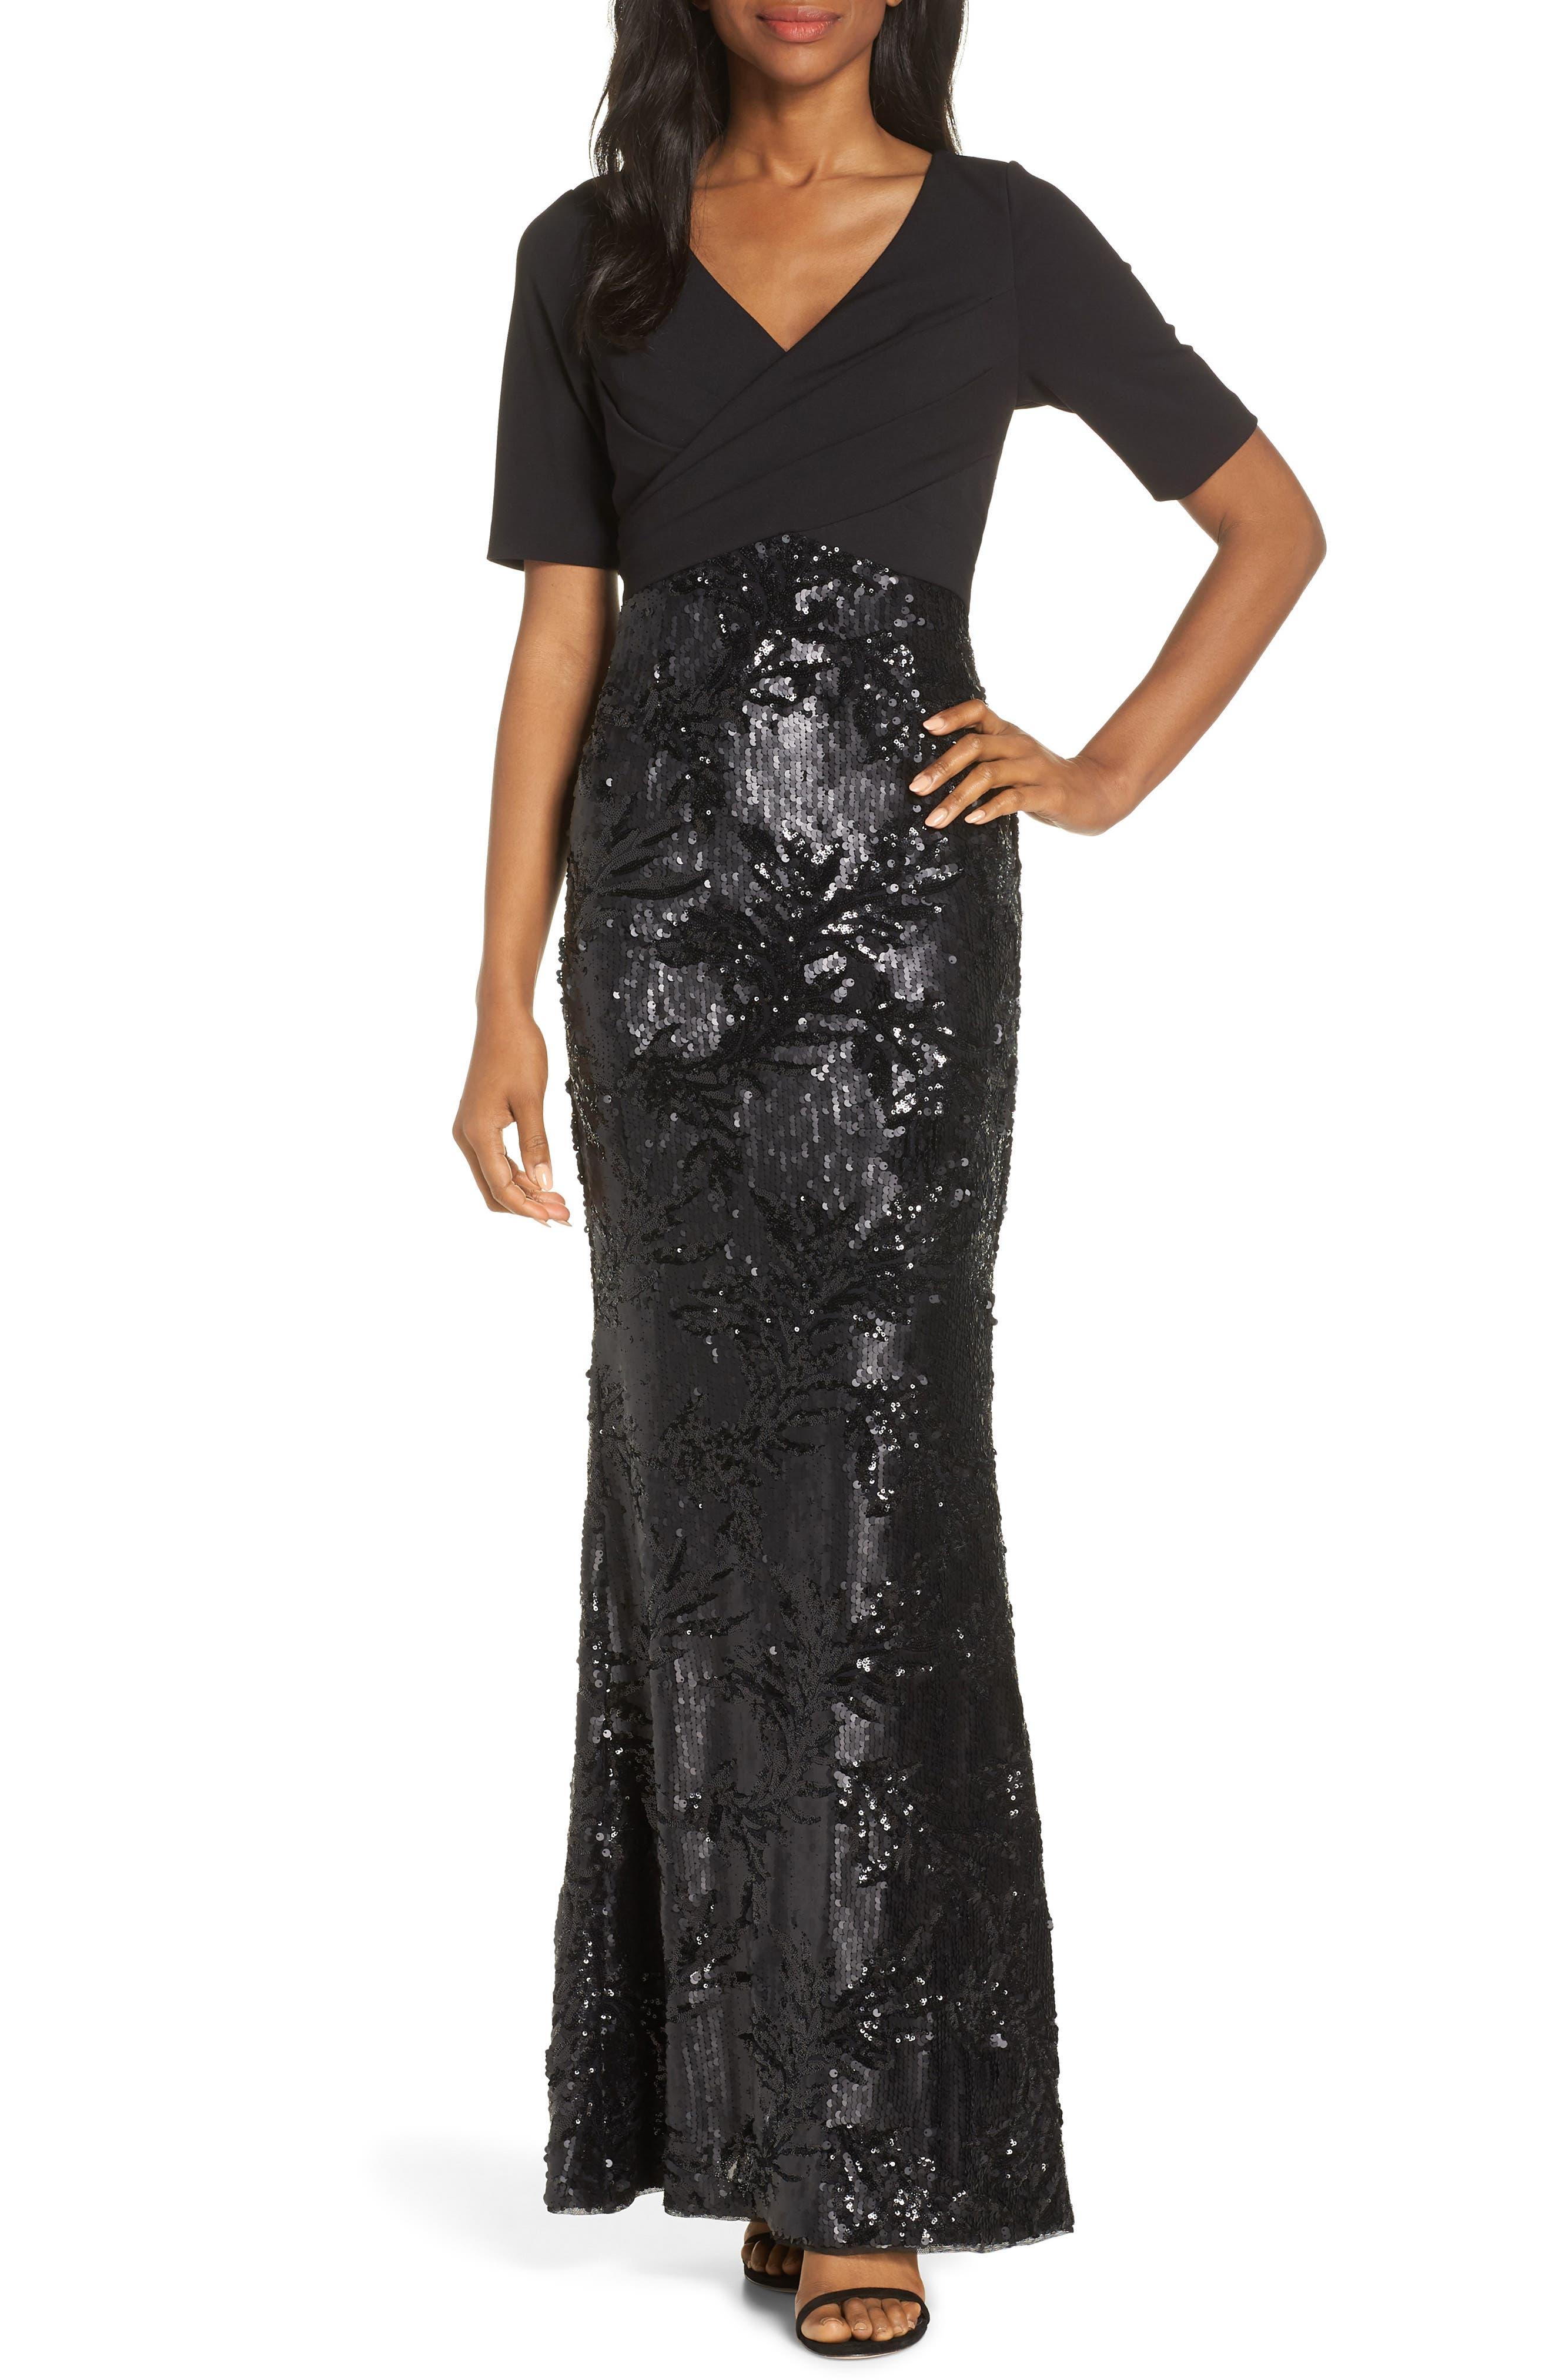 Long Formal Dresses Jcpenney